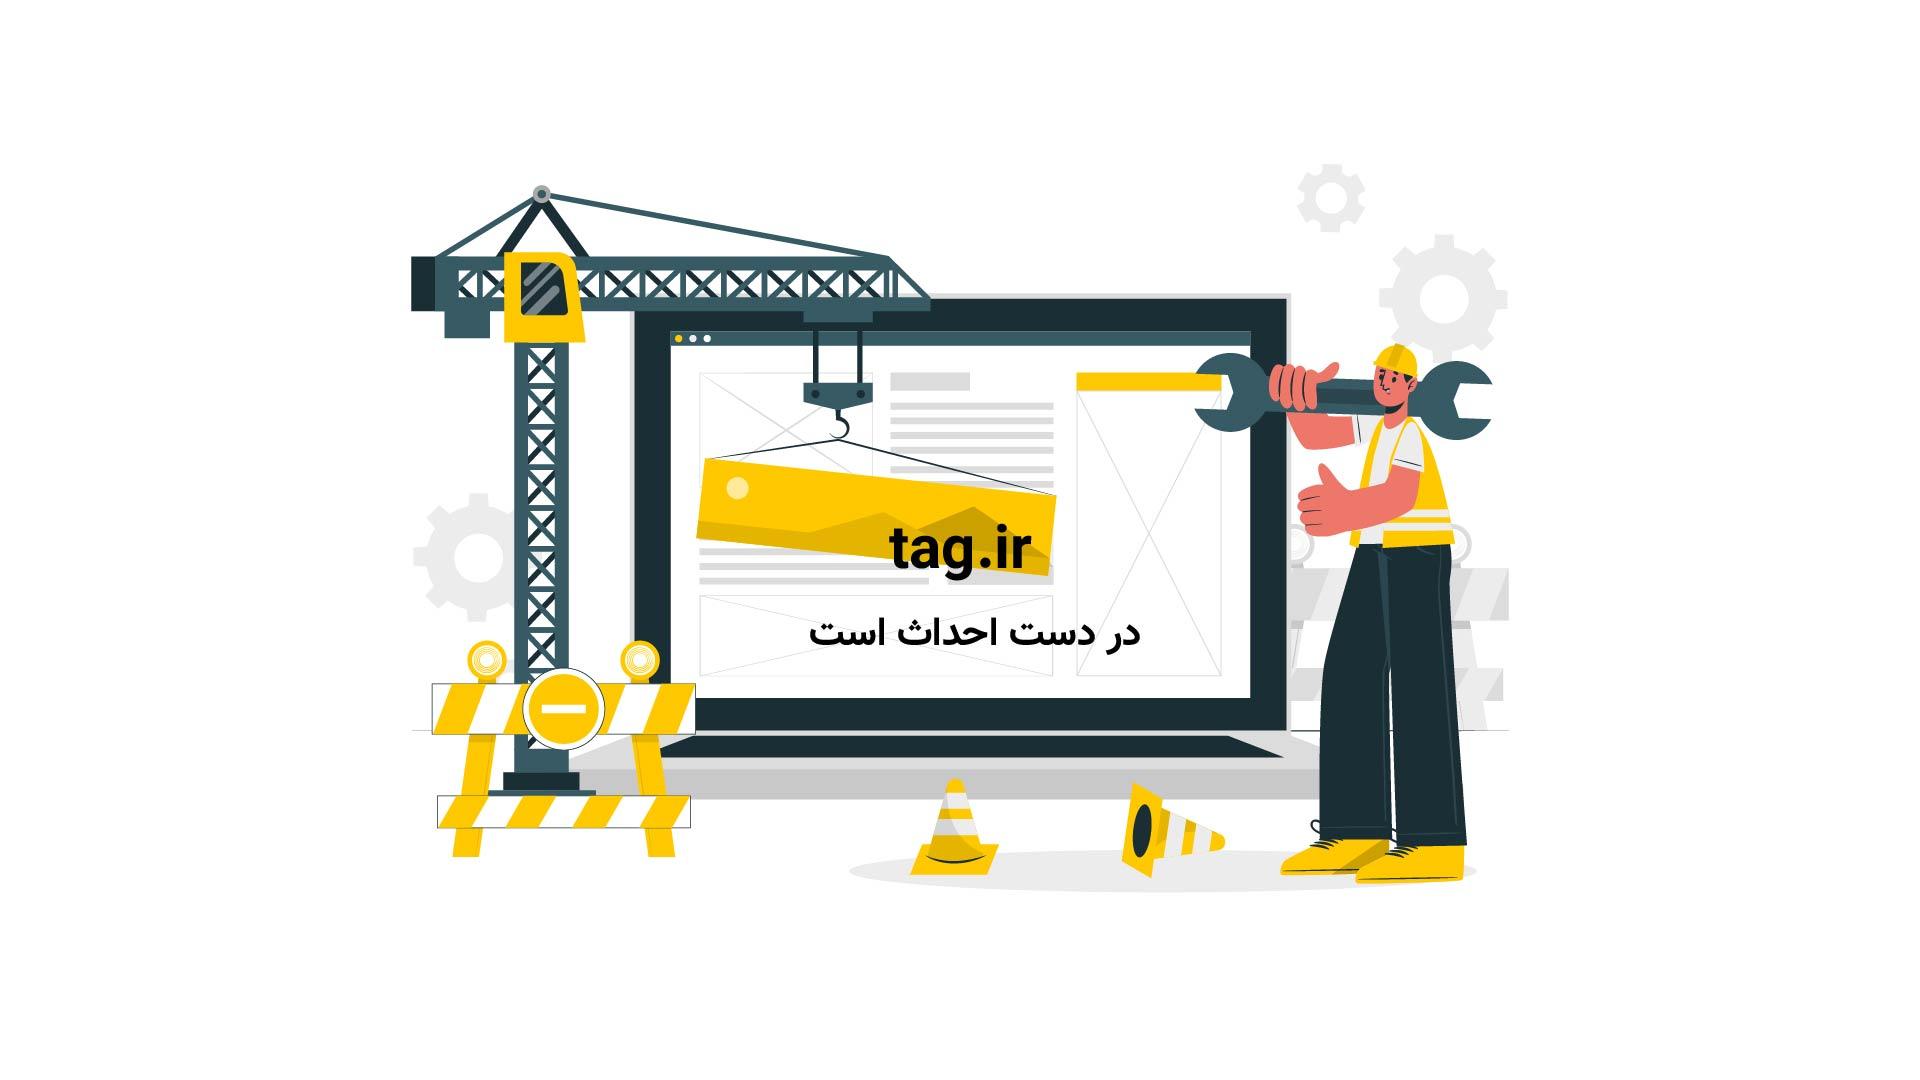 برترین های فوتبال اروپا | تگ